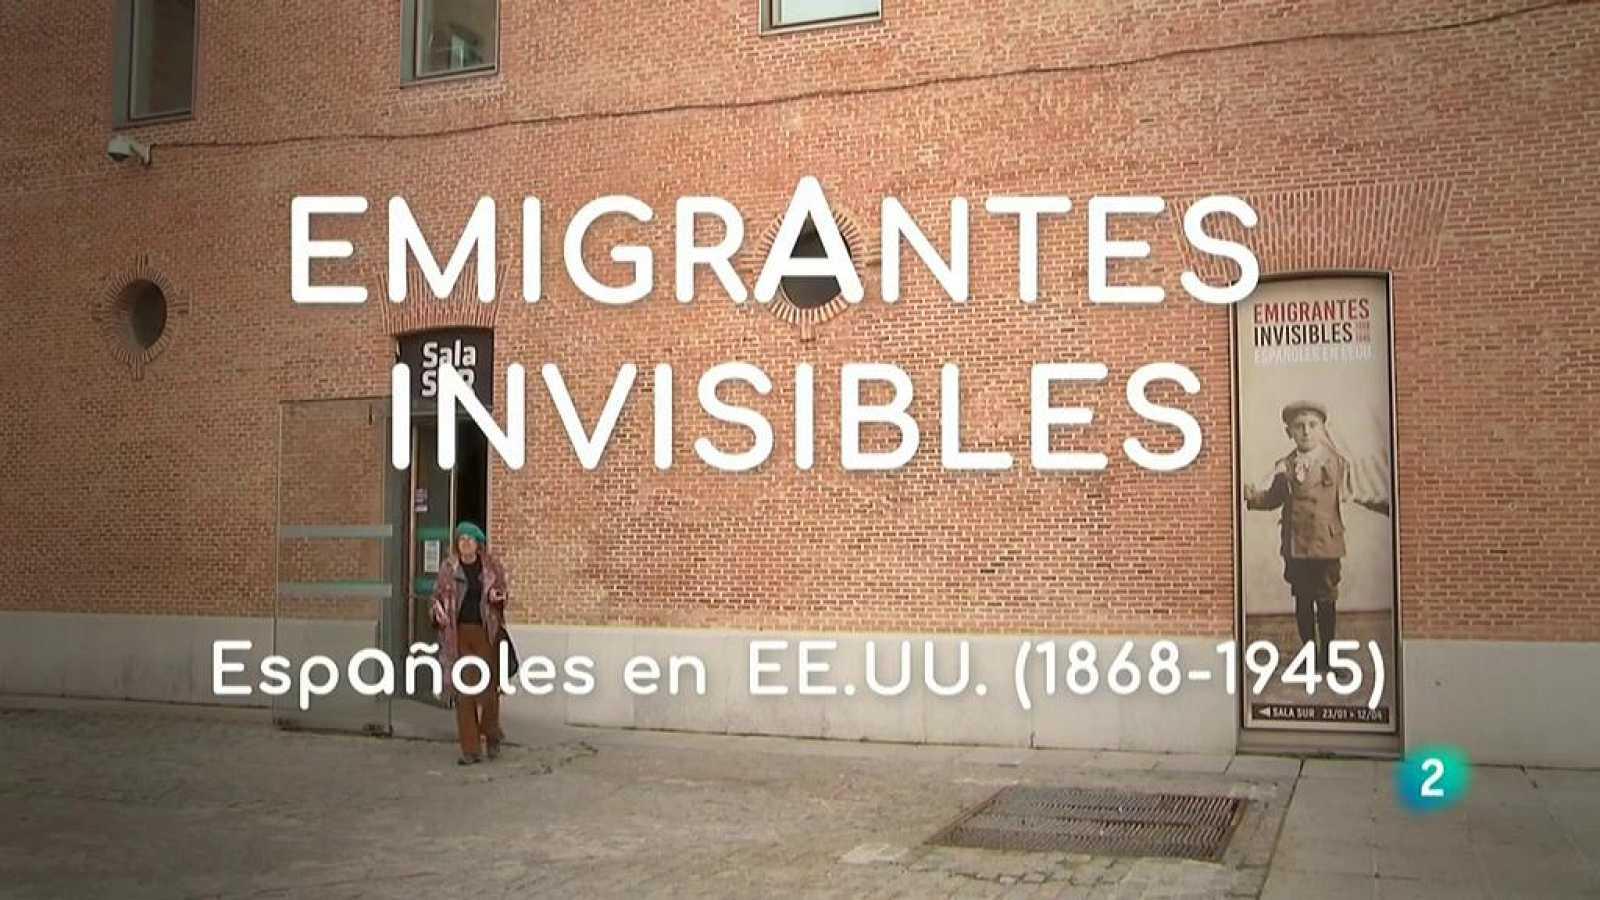 La aventura del saber. Exposición Emigrantes invisibles  Centro Cultural Conde Duque de Madrid  españoles en Estados Unidos desde 1868 a 1945